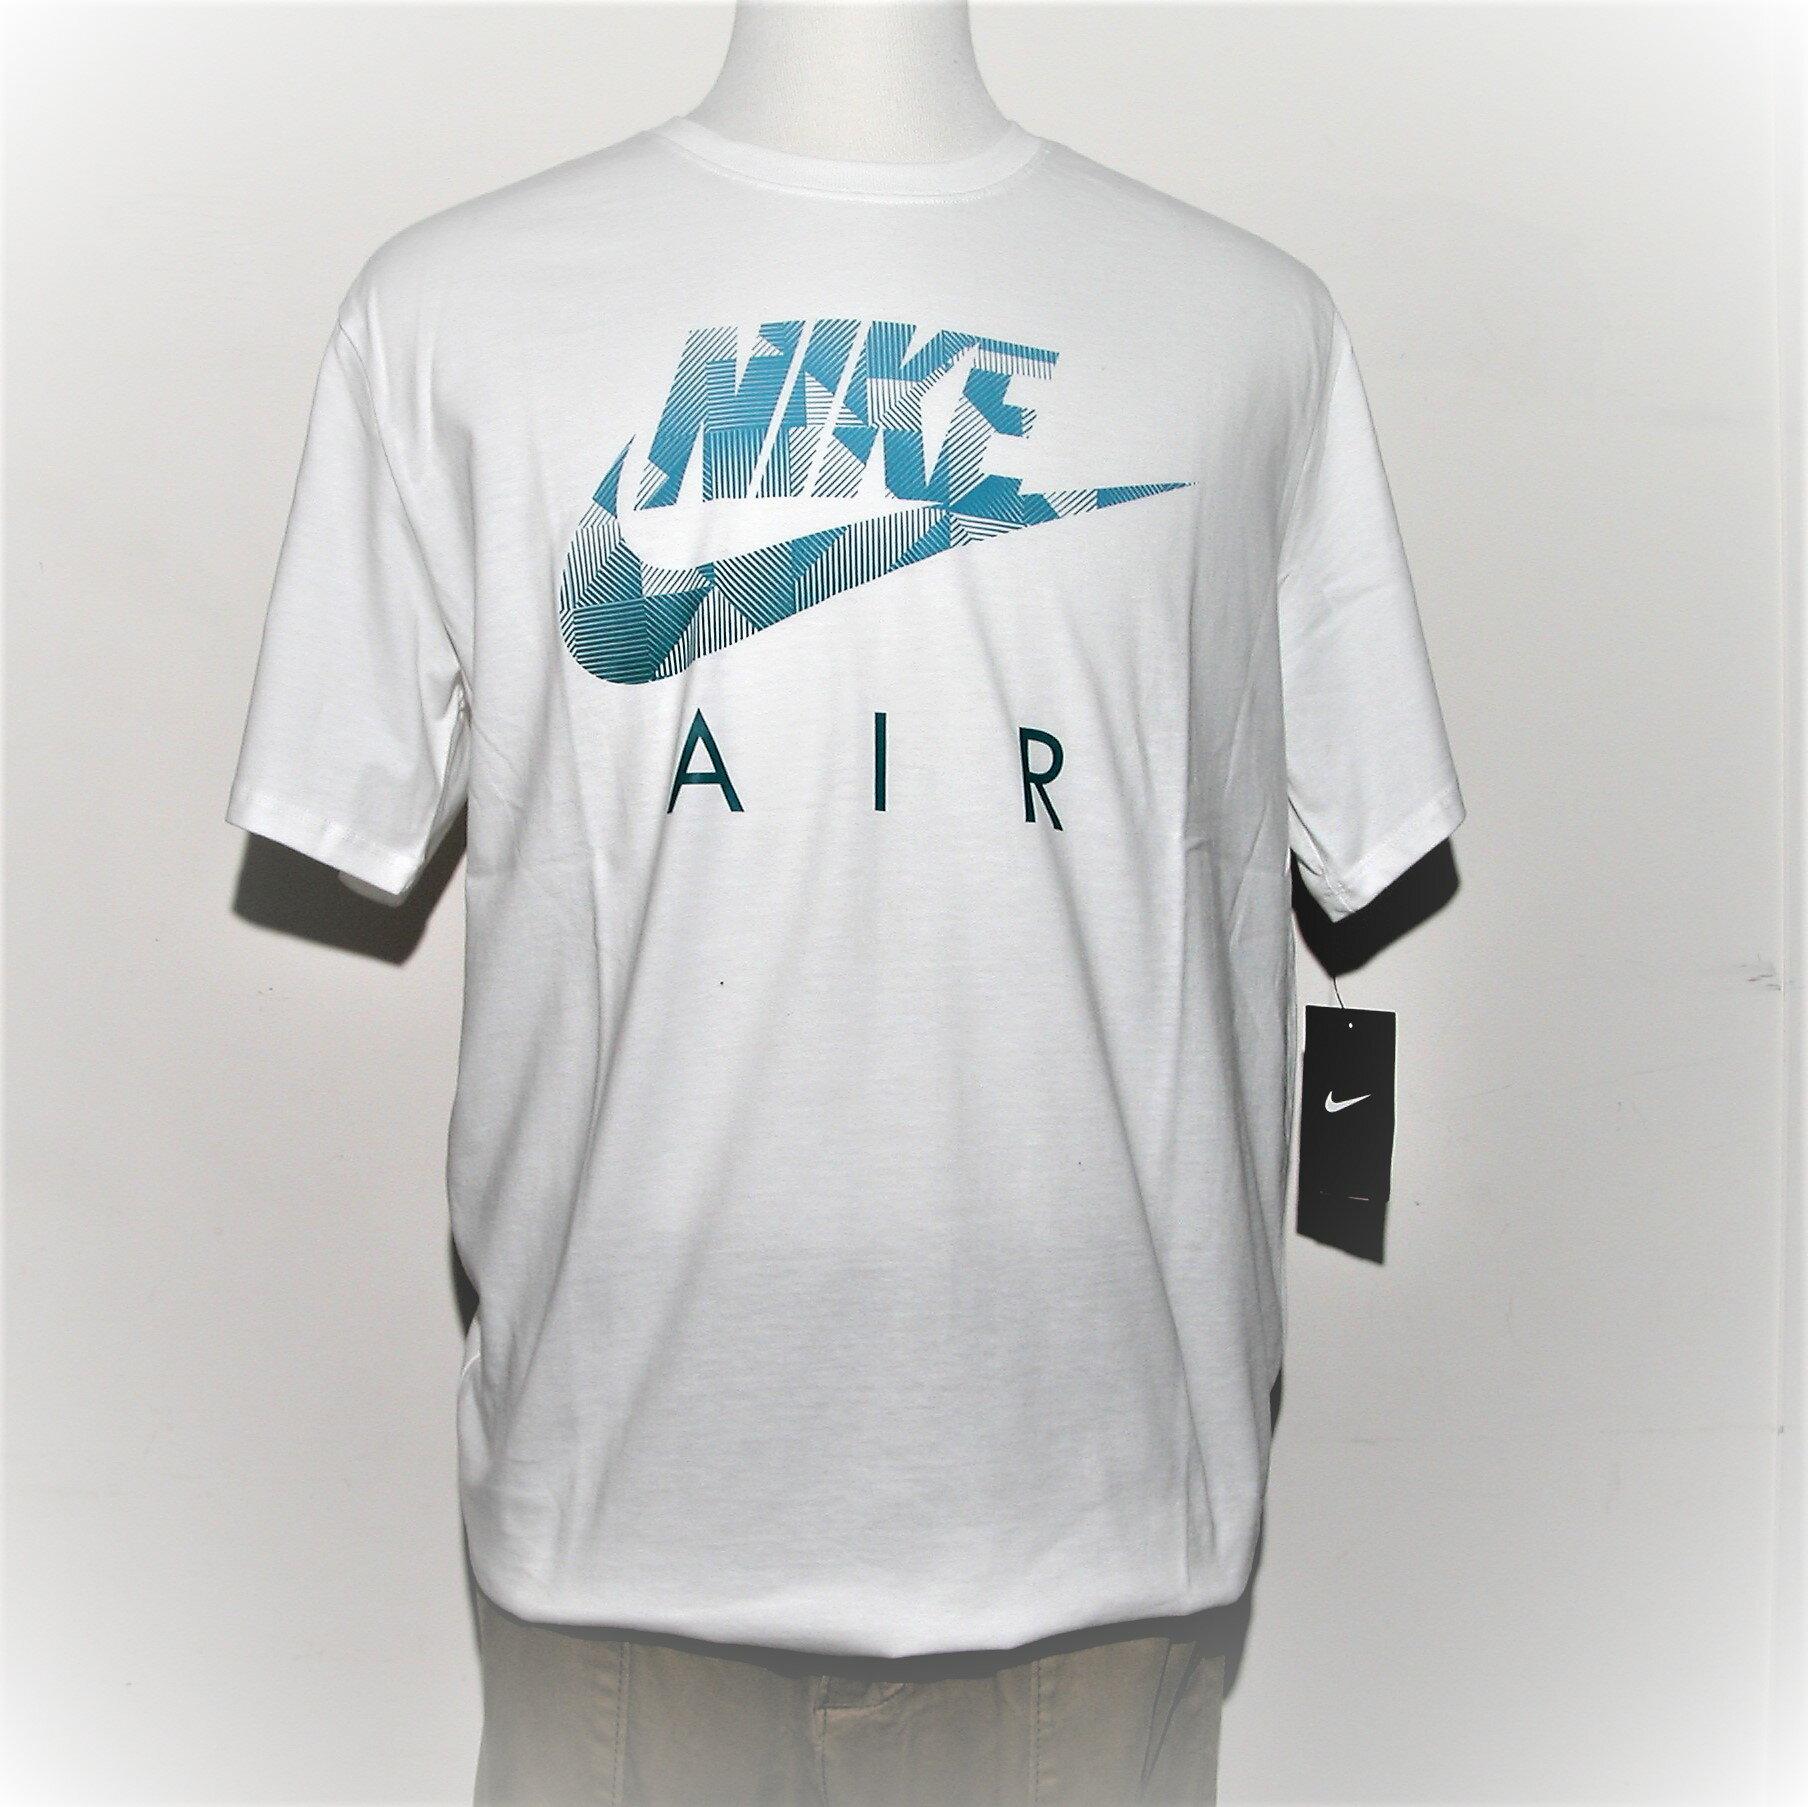 Nike Air 男士T卹,全新美國公司貨 【119 小鋪】